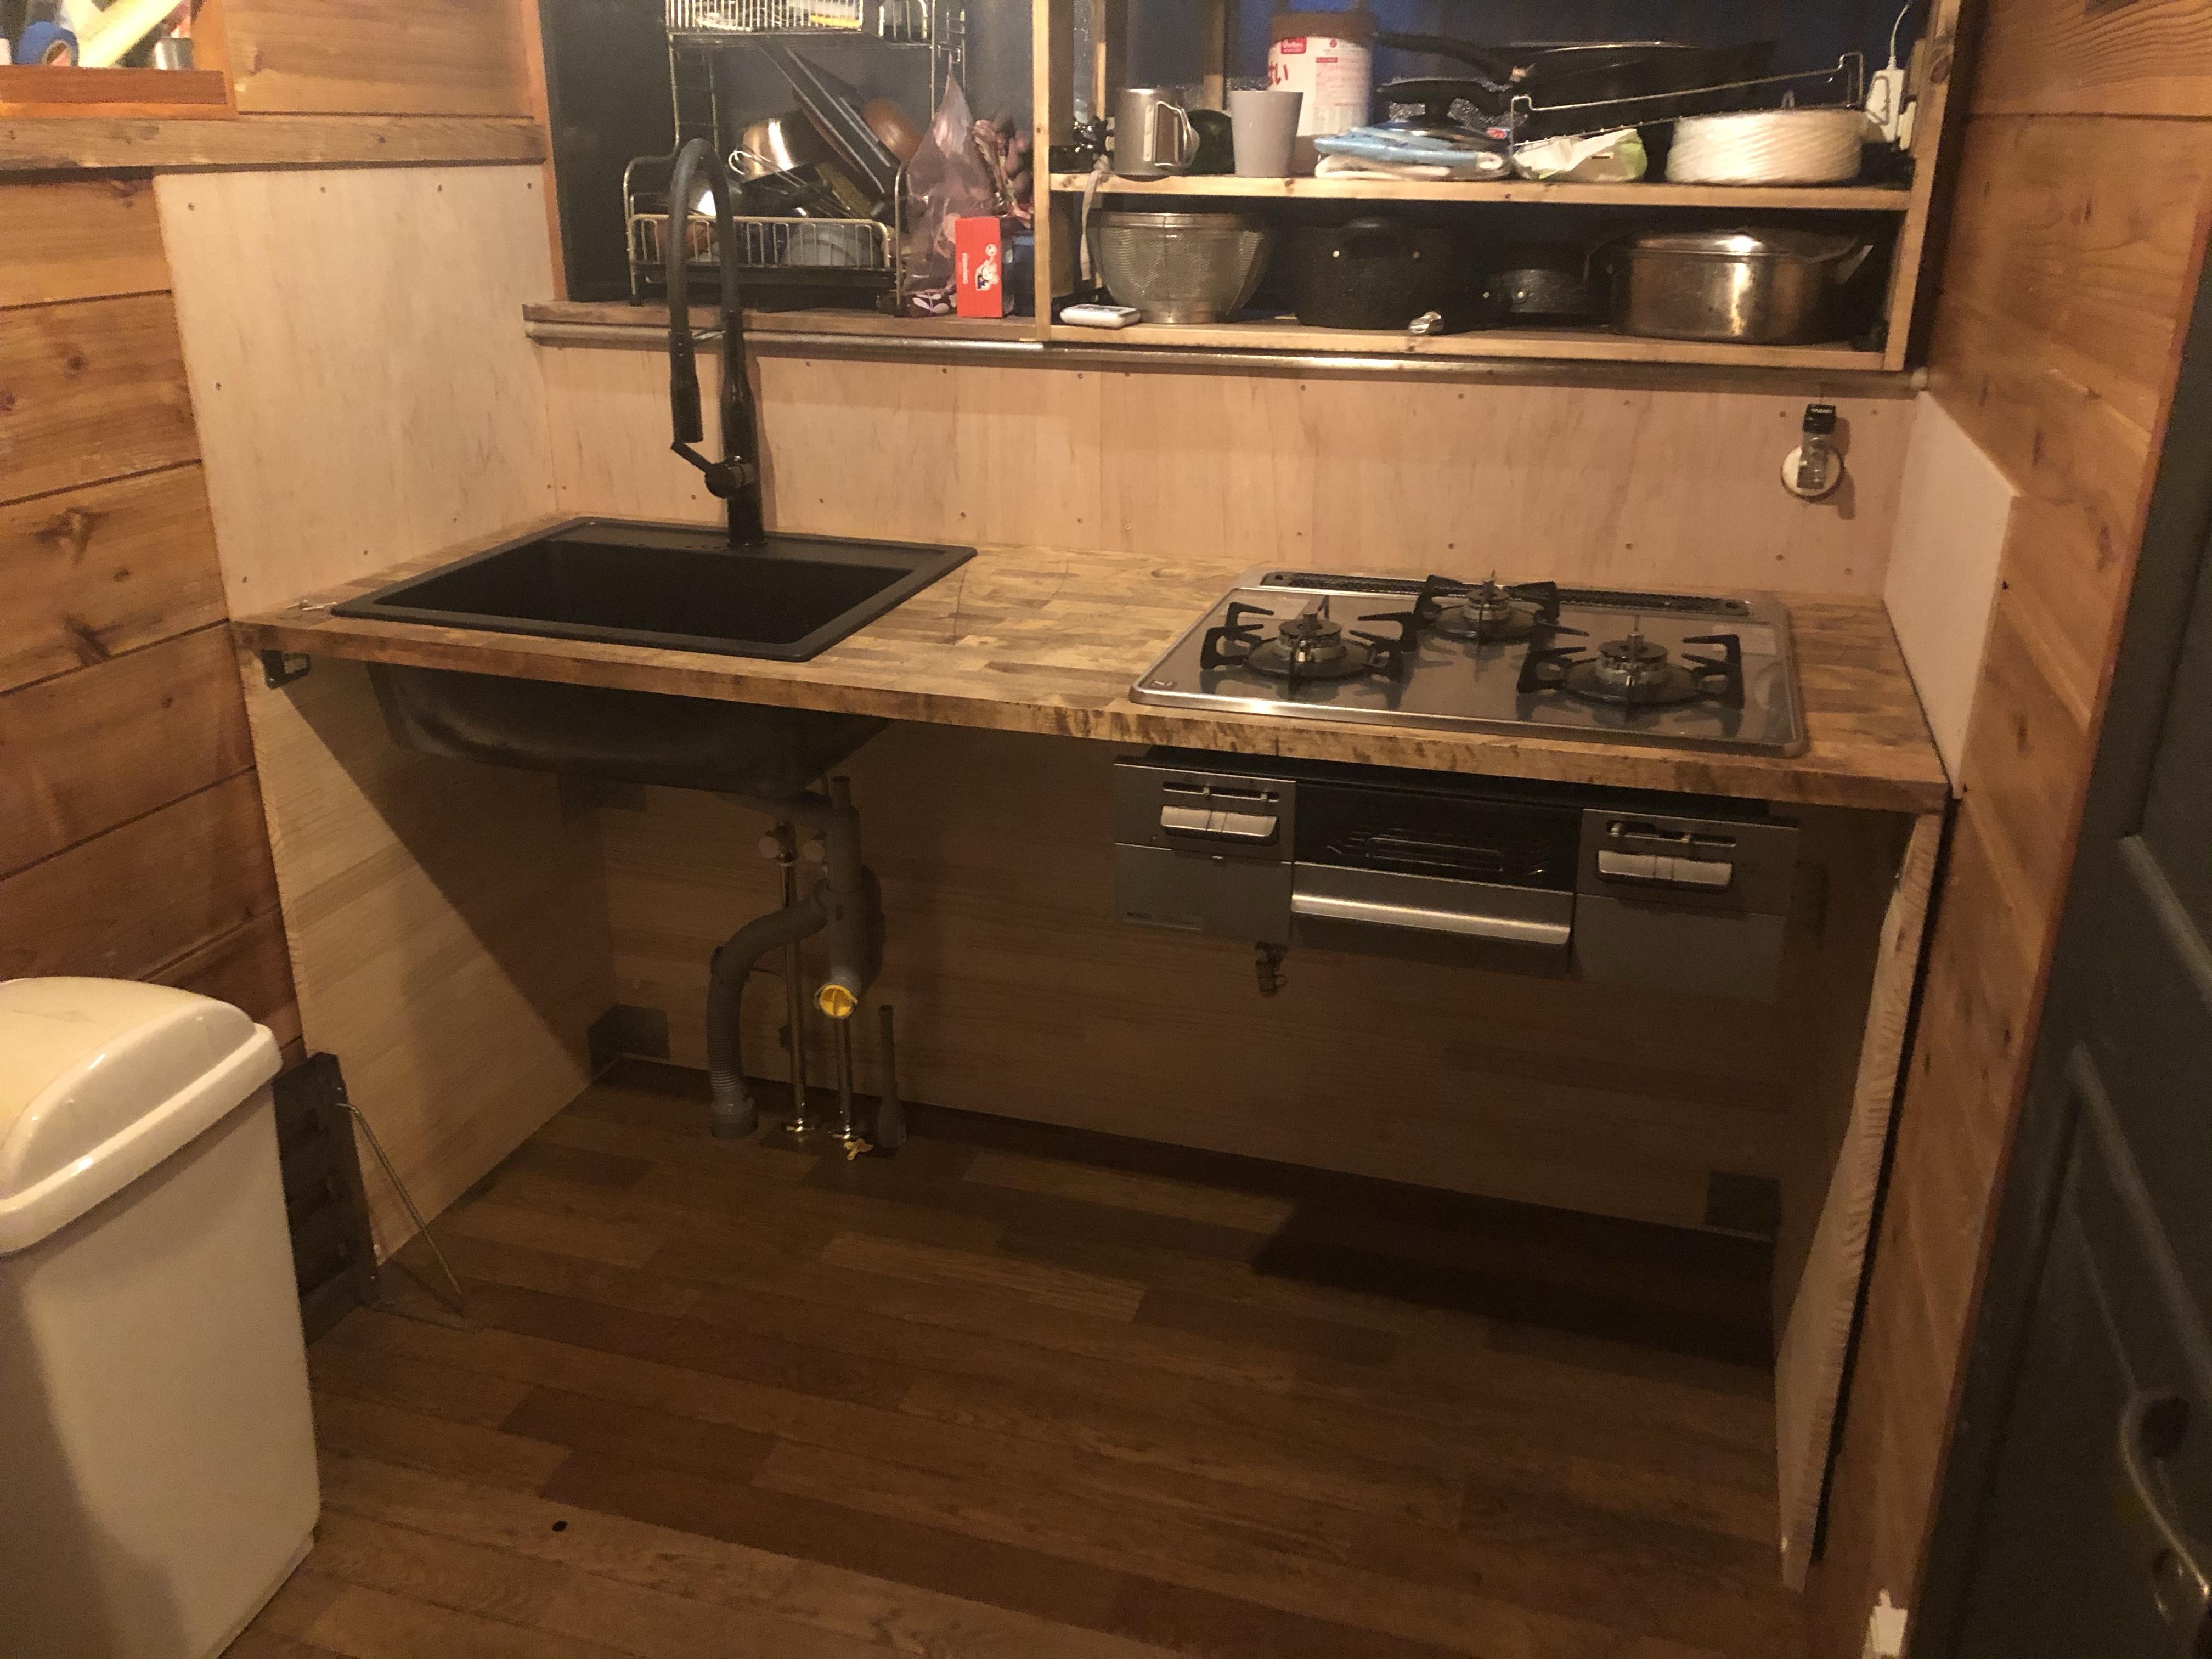 IKEAでキッチンをDIYしてみた